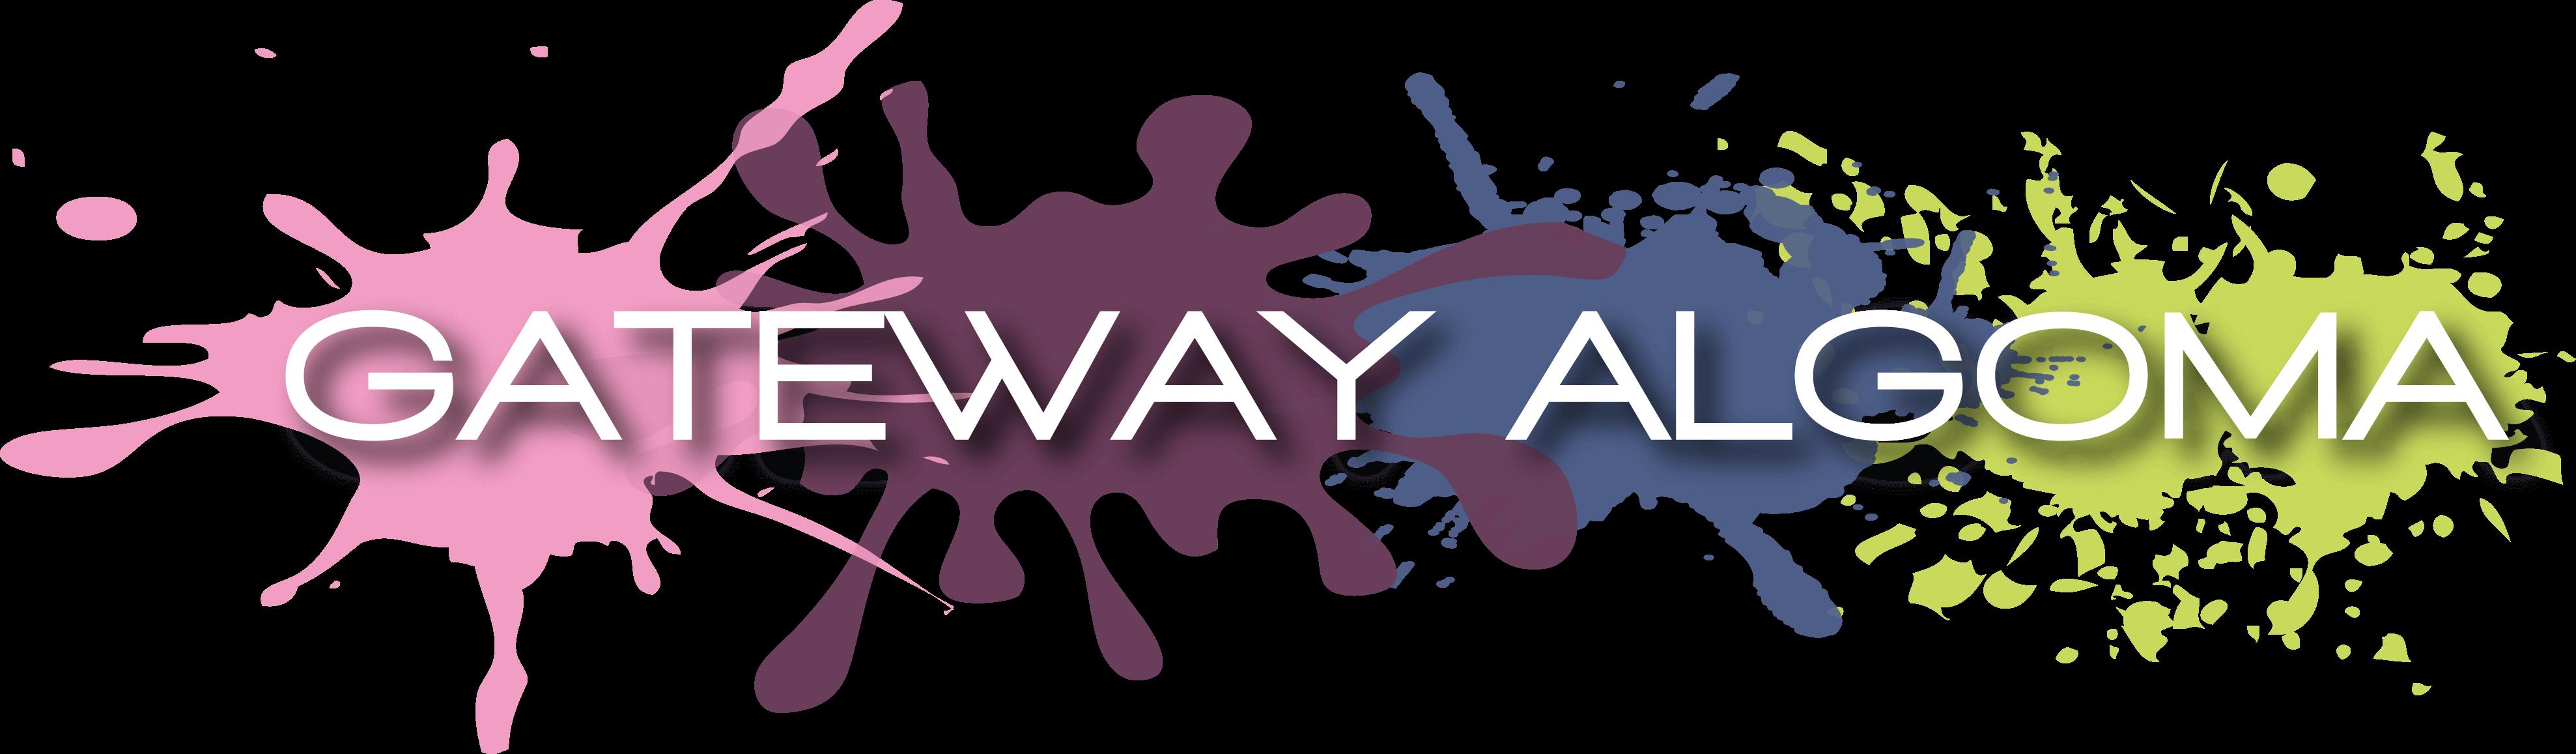 Gateway-Algoma-Final-LOGO-white-text